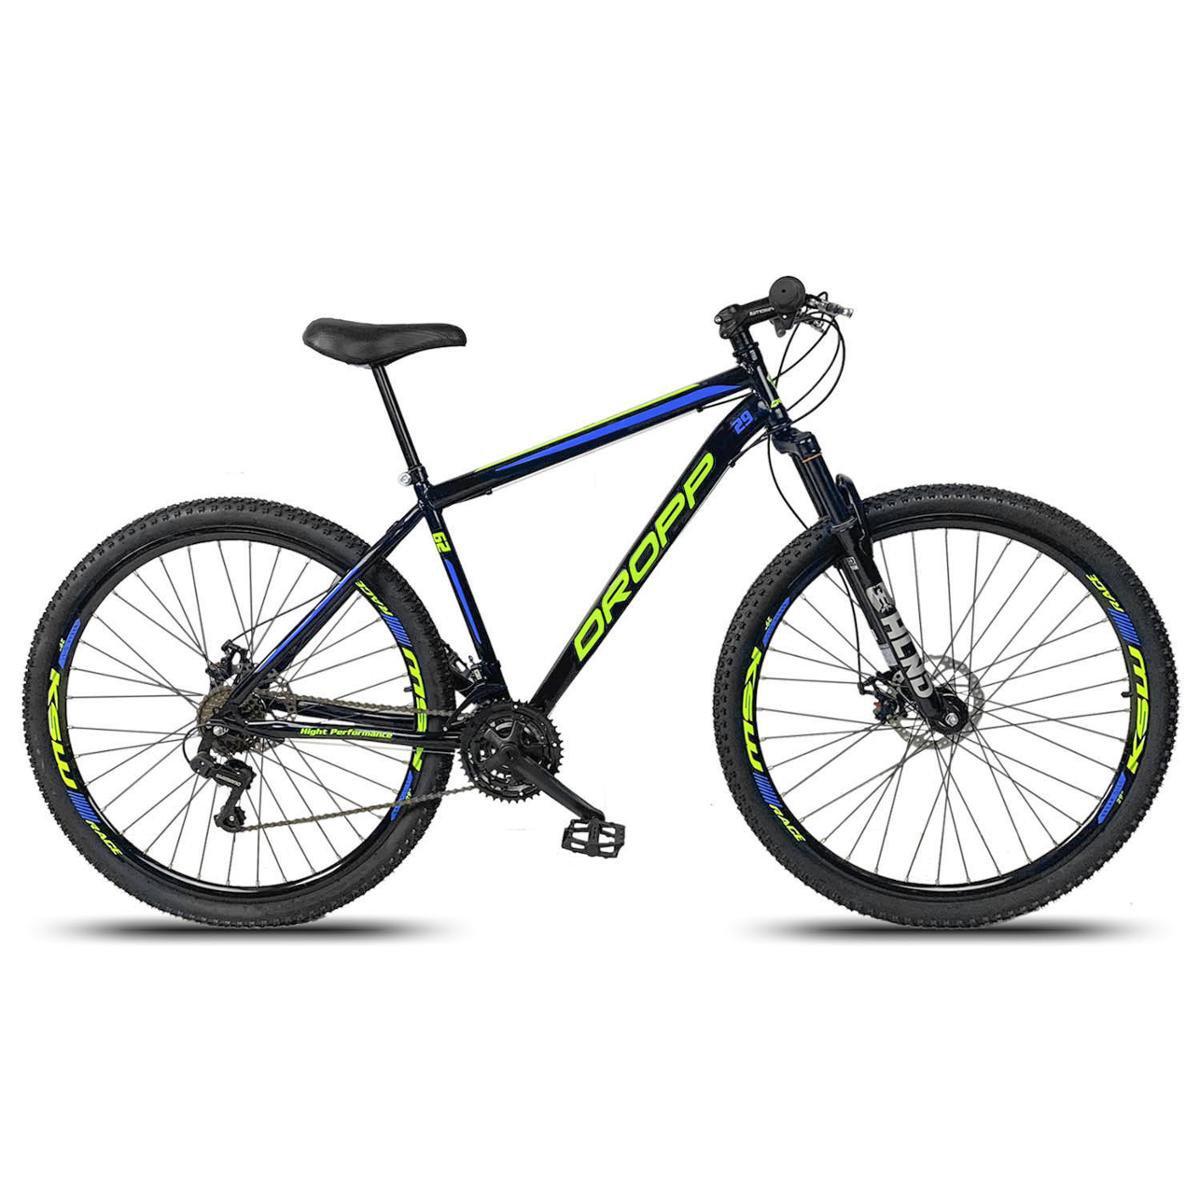 Bicicleta Dropp Sport T17 Aro 29 Susp. Dianteira 21 Marchas - Azul/preto